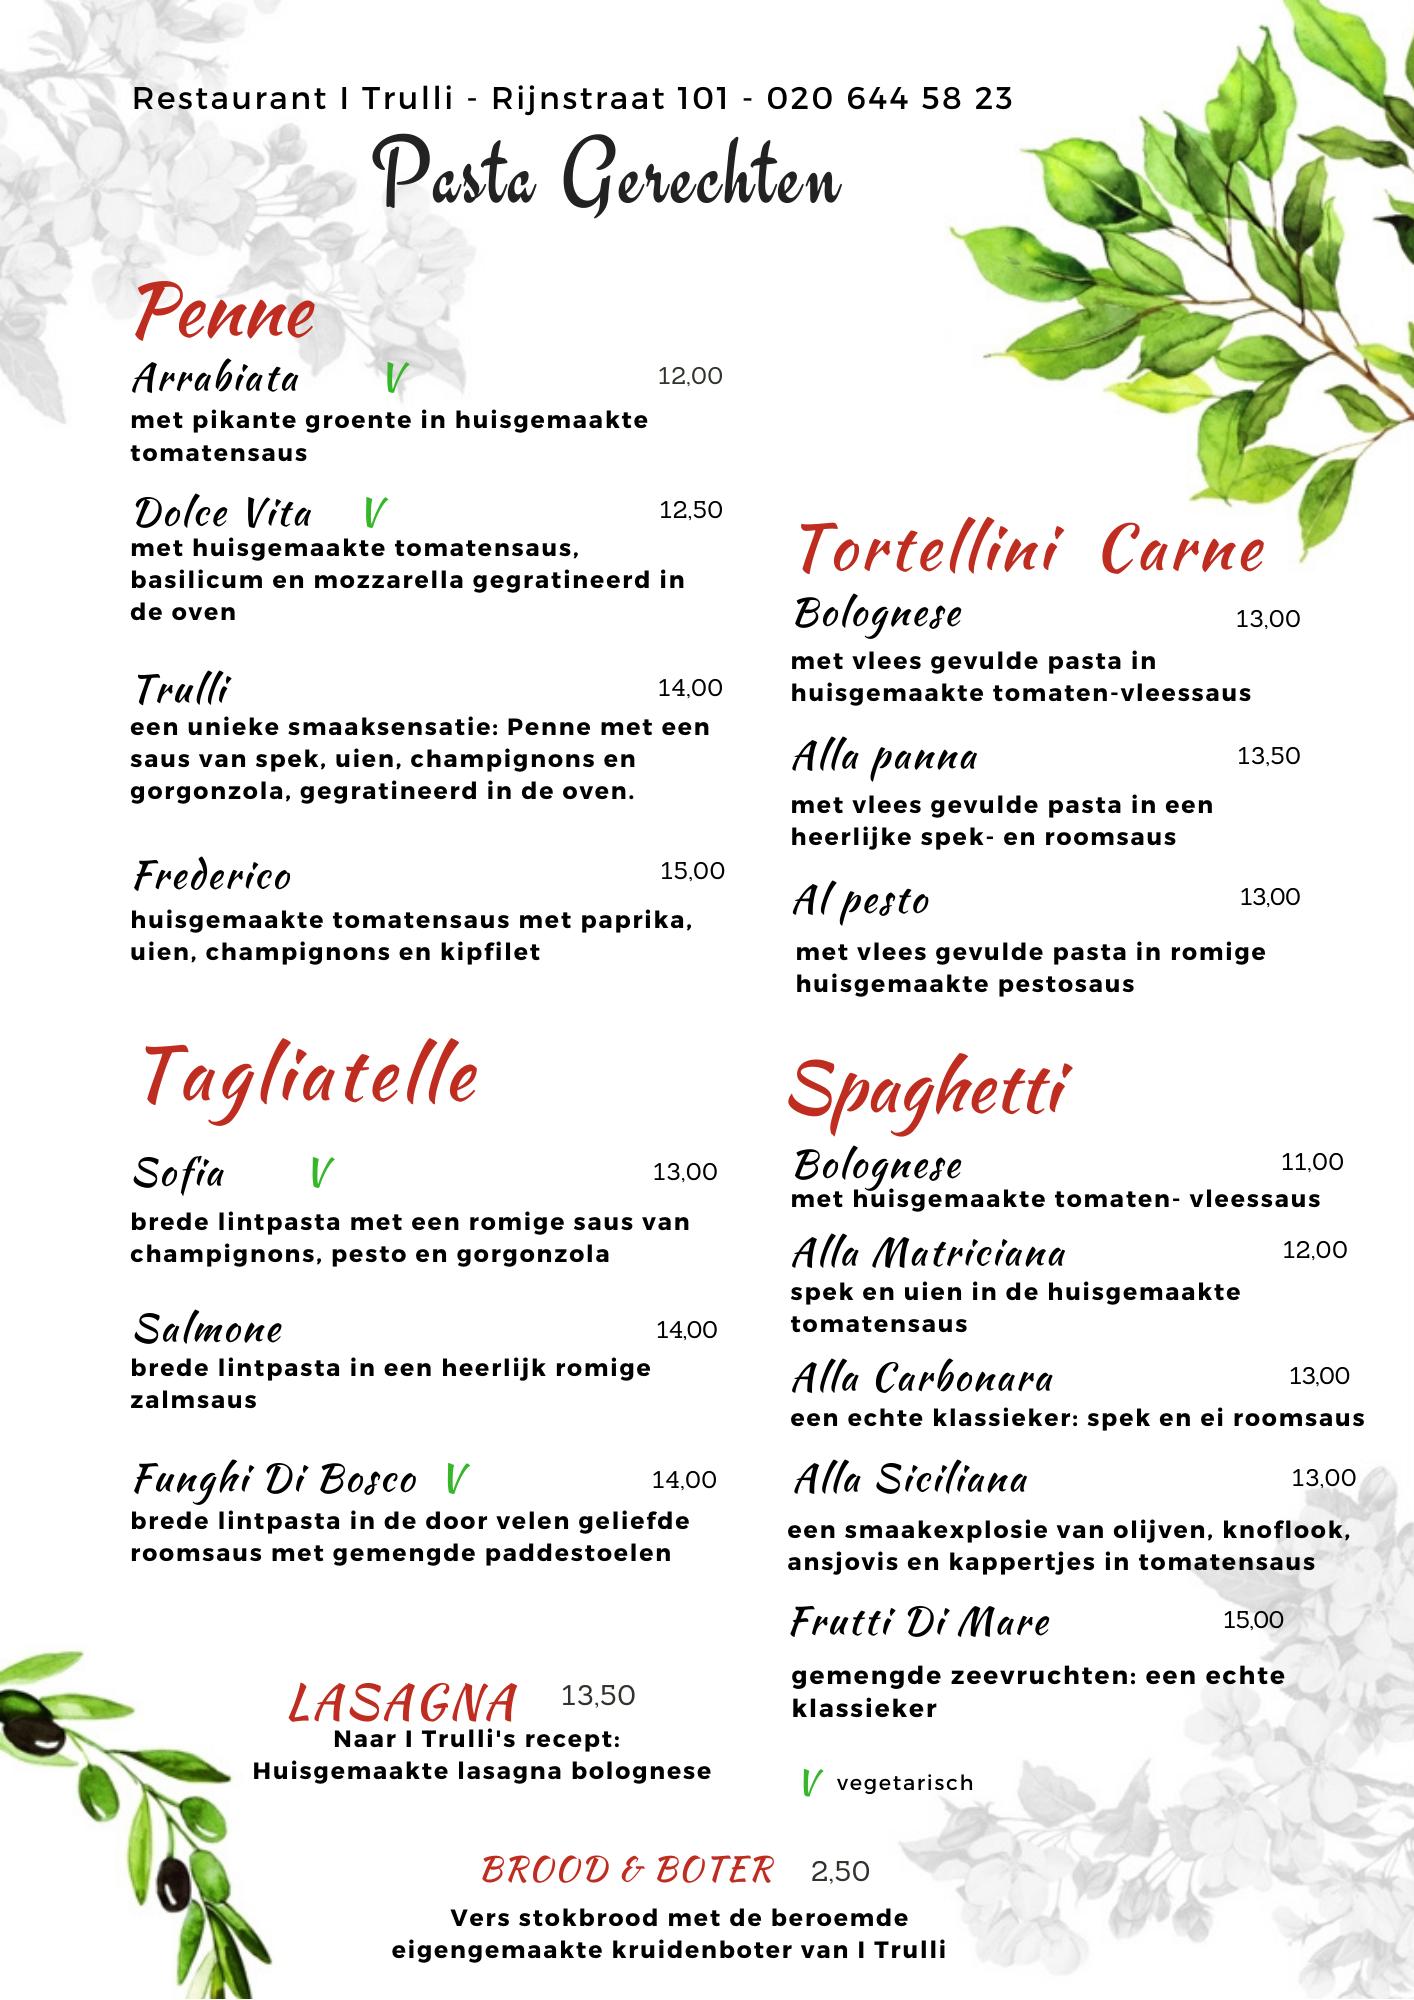 Website Menu I Trulli - corona - pasta gerechten